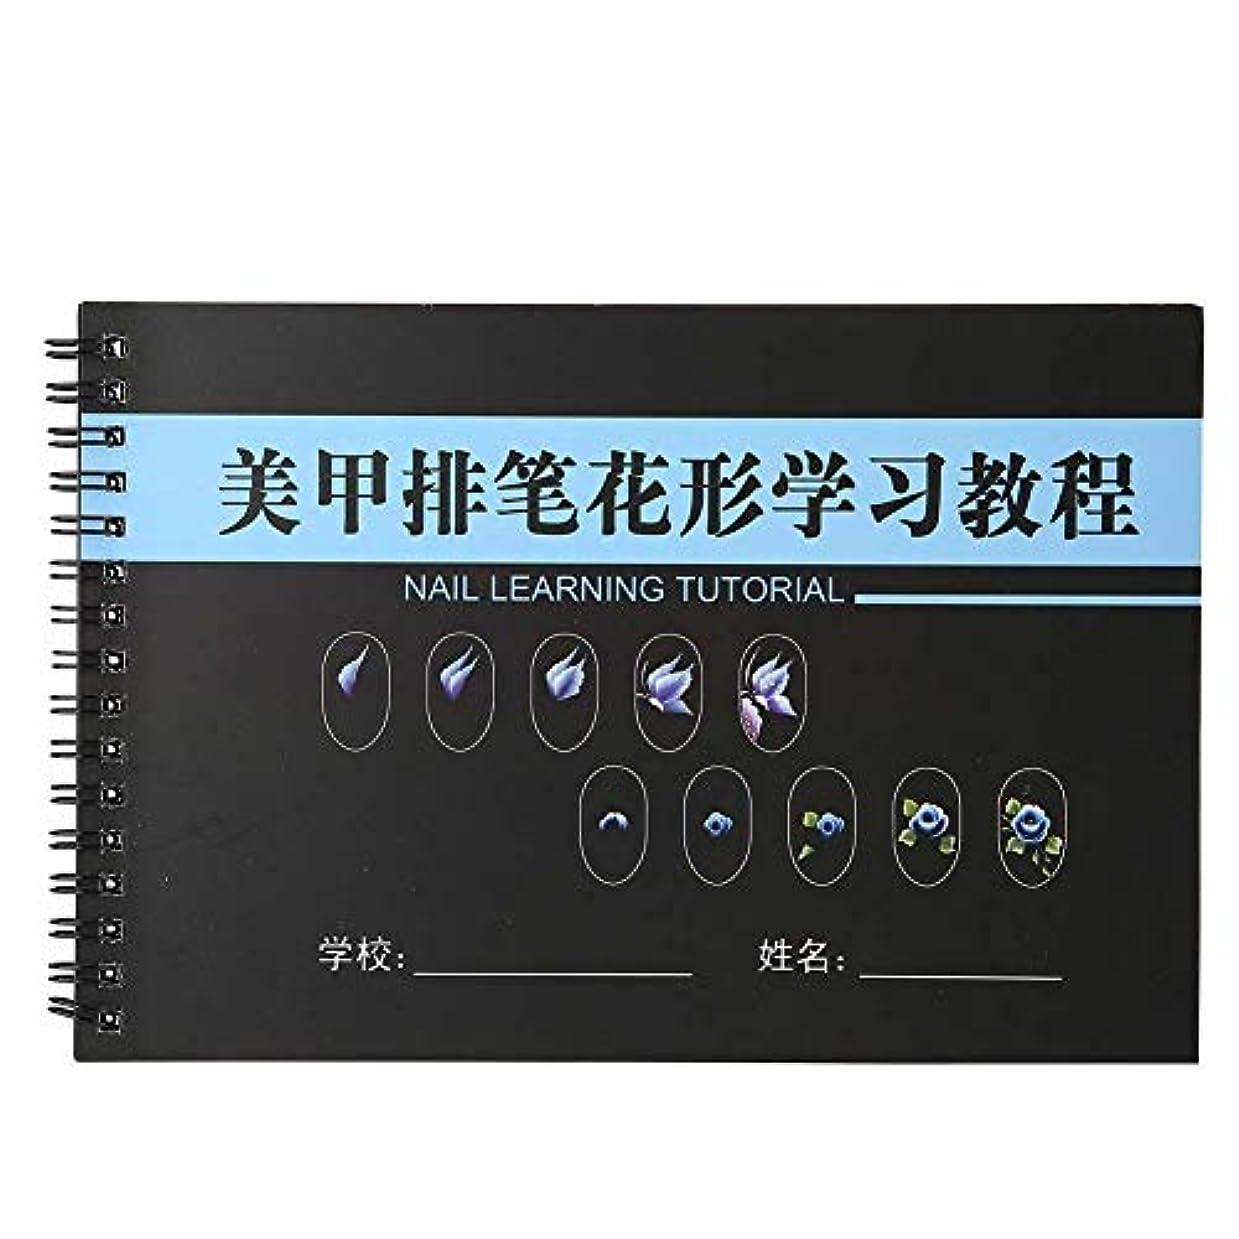 適用する特徴づける退屈ネイルアート練習テンプレート学習ネイルアートペーパーブックマニキュア描画絵画エクササイズツールブック(01)